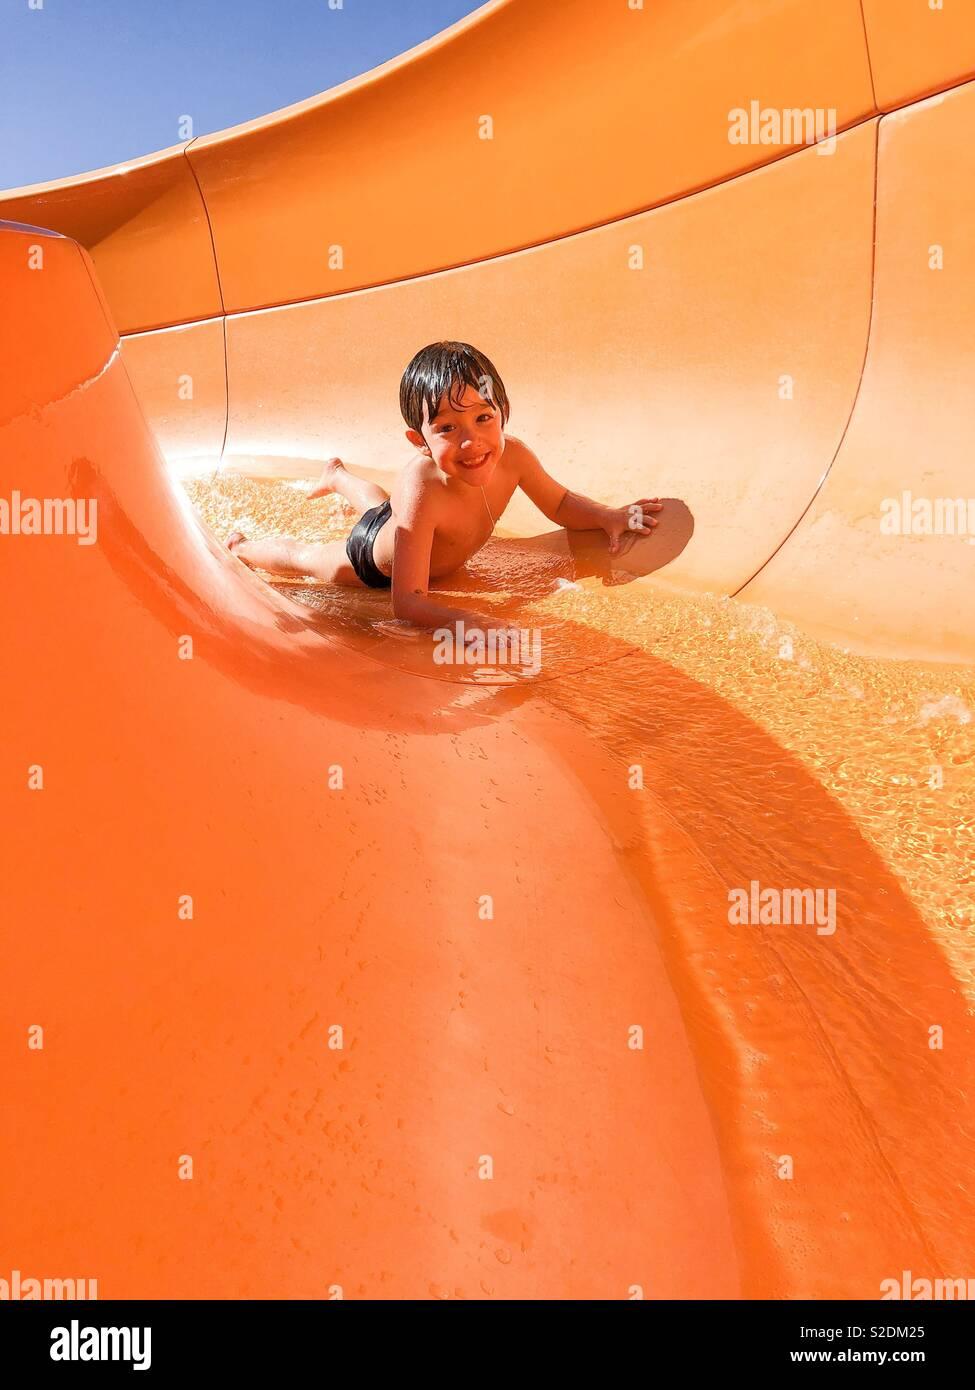 Menino indo para baixo no controle deslizante de água Imagens de Stock